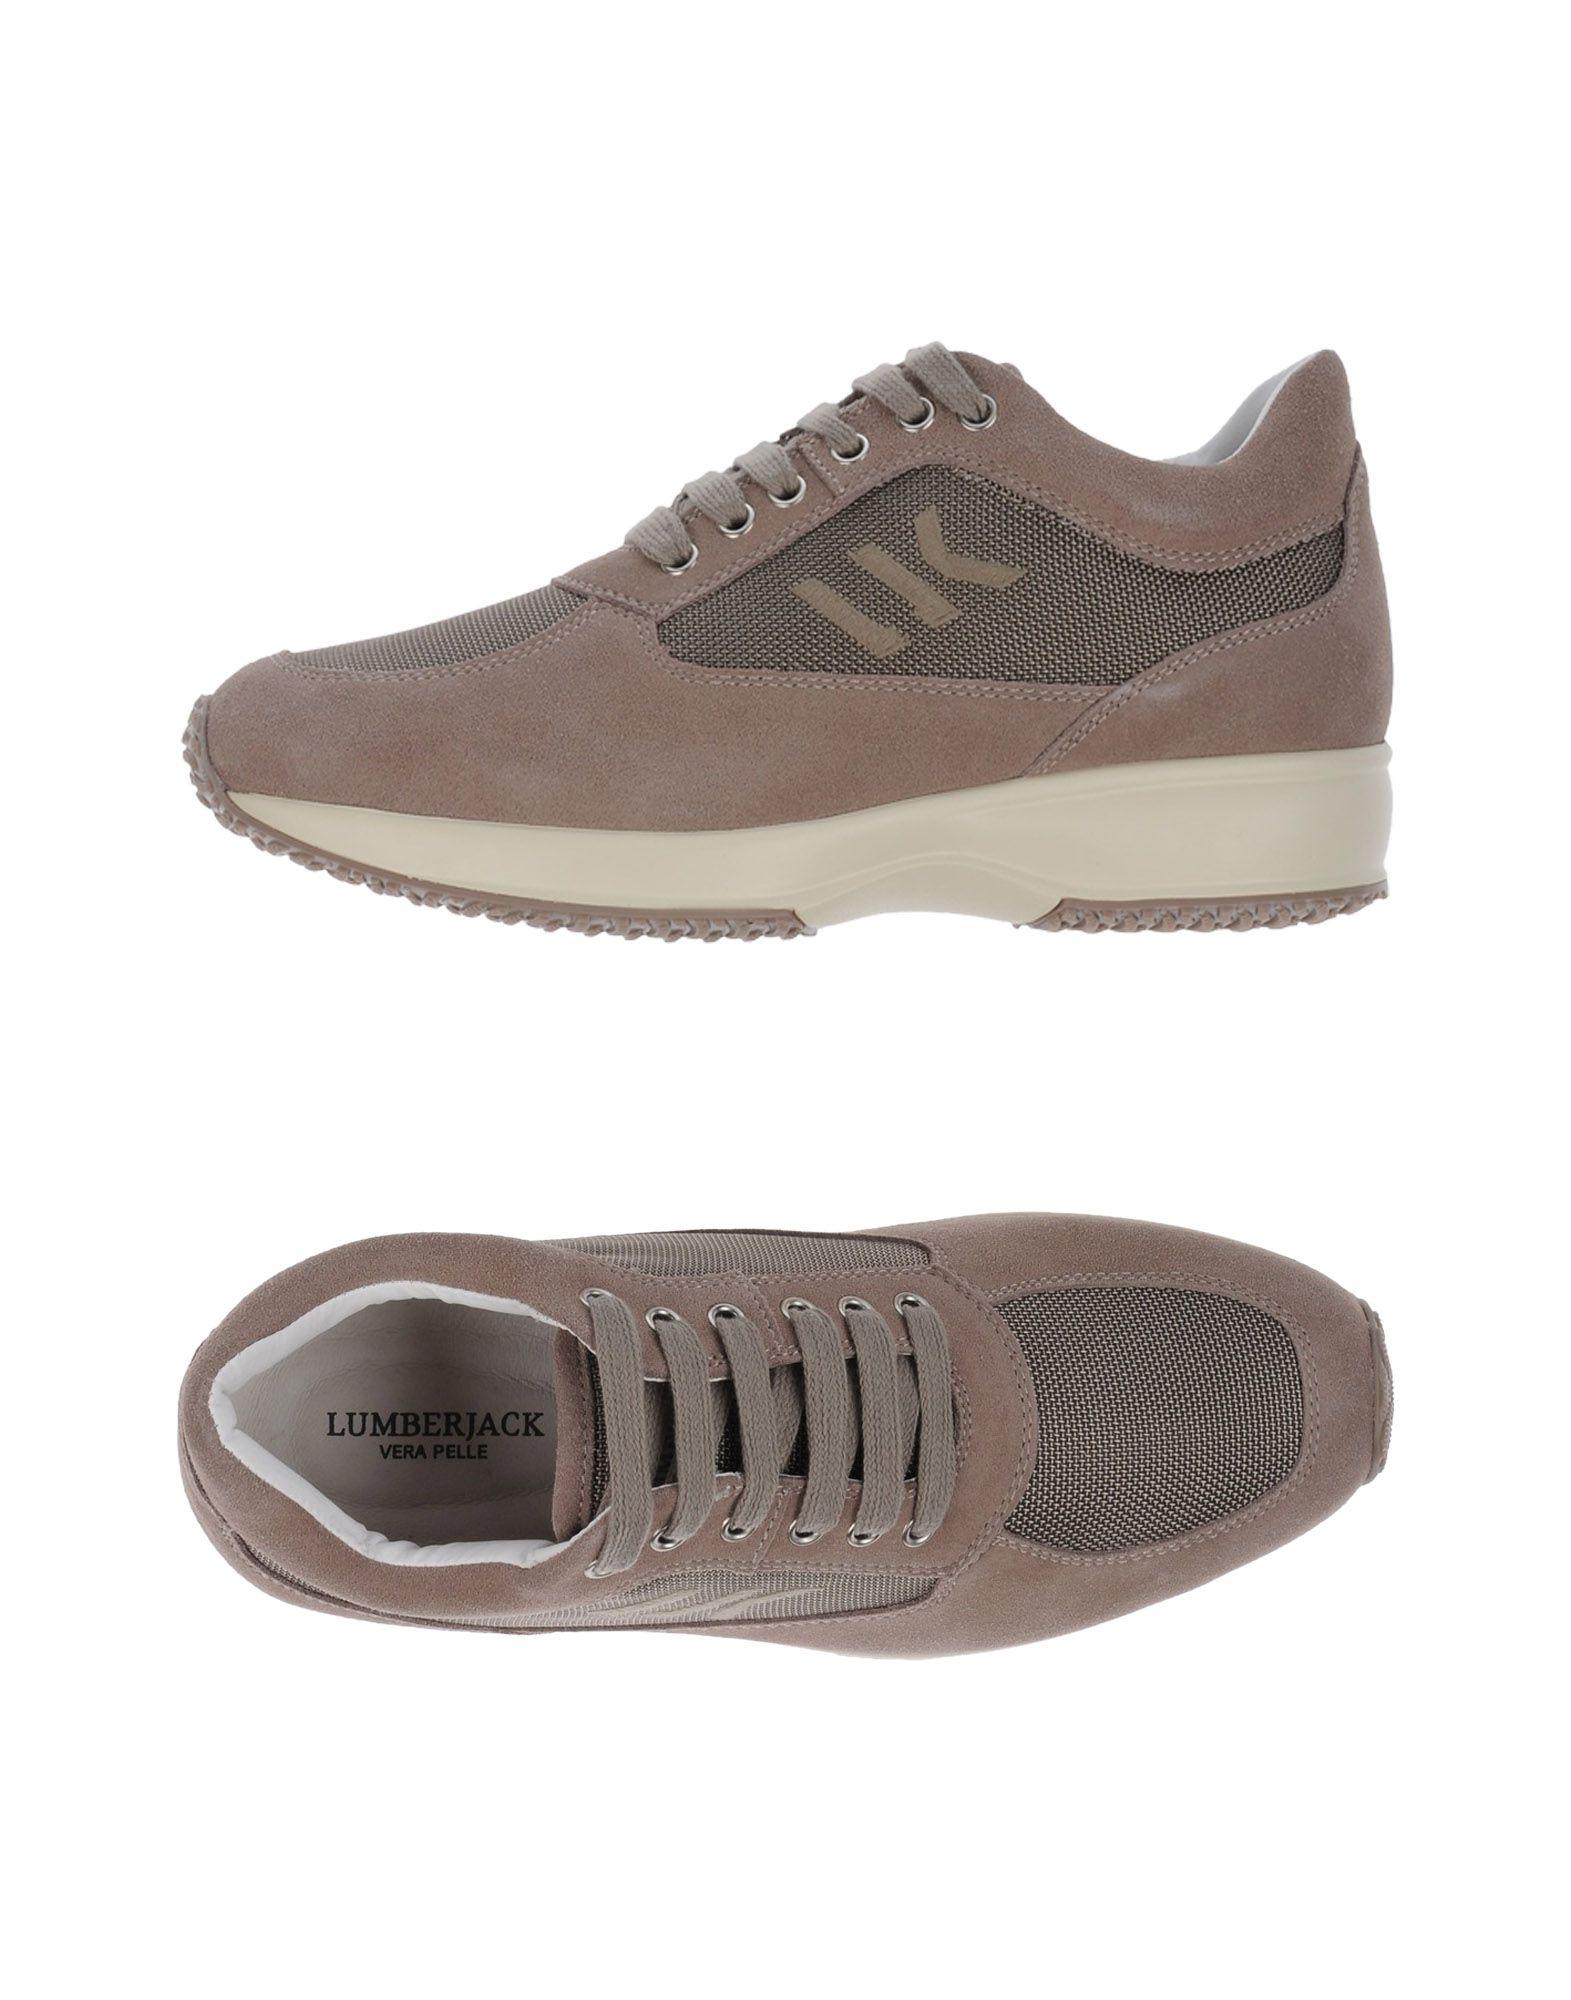 Rabatt echte  Schuhe Lumberjack Sneakers Herren  echte 11197653NI 9359b6